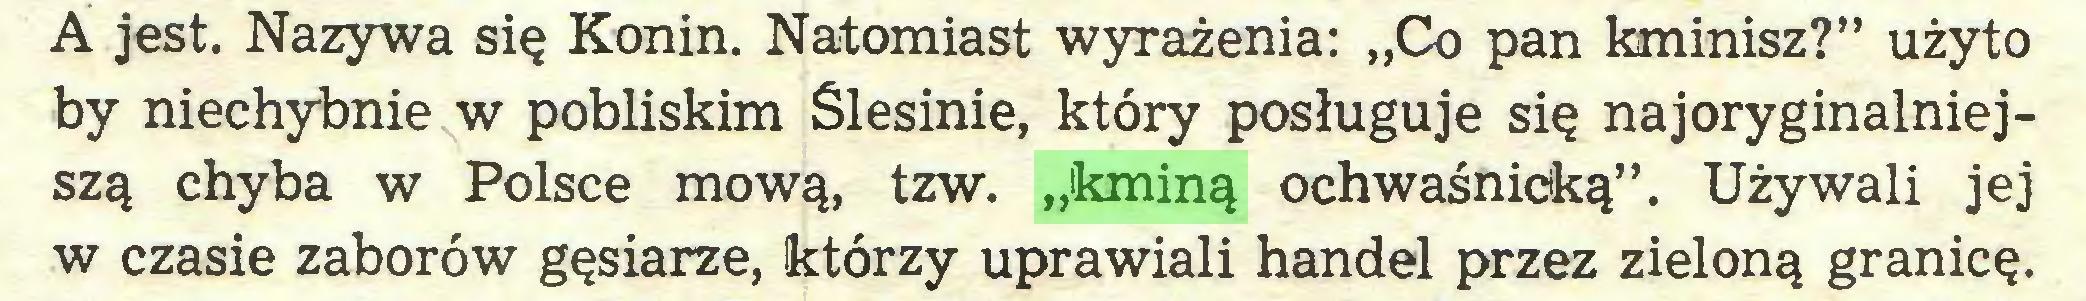 """(...) A jest. Nazywa się Konin. Natomiast wyrażenia: """"Co pan kminisz?"""" użyto by niechybnie w pobliskim Ślesinie, który posługuje się najoryginalniejszą chyba w Polsce mową, tzw. """"kminą ochwaśnicką"""". Używali jej w czasie zaborów gęsiarze, którzy uprawiali handel przez zieloną granicę..."""